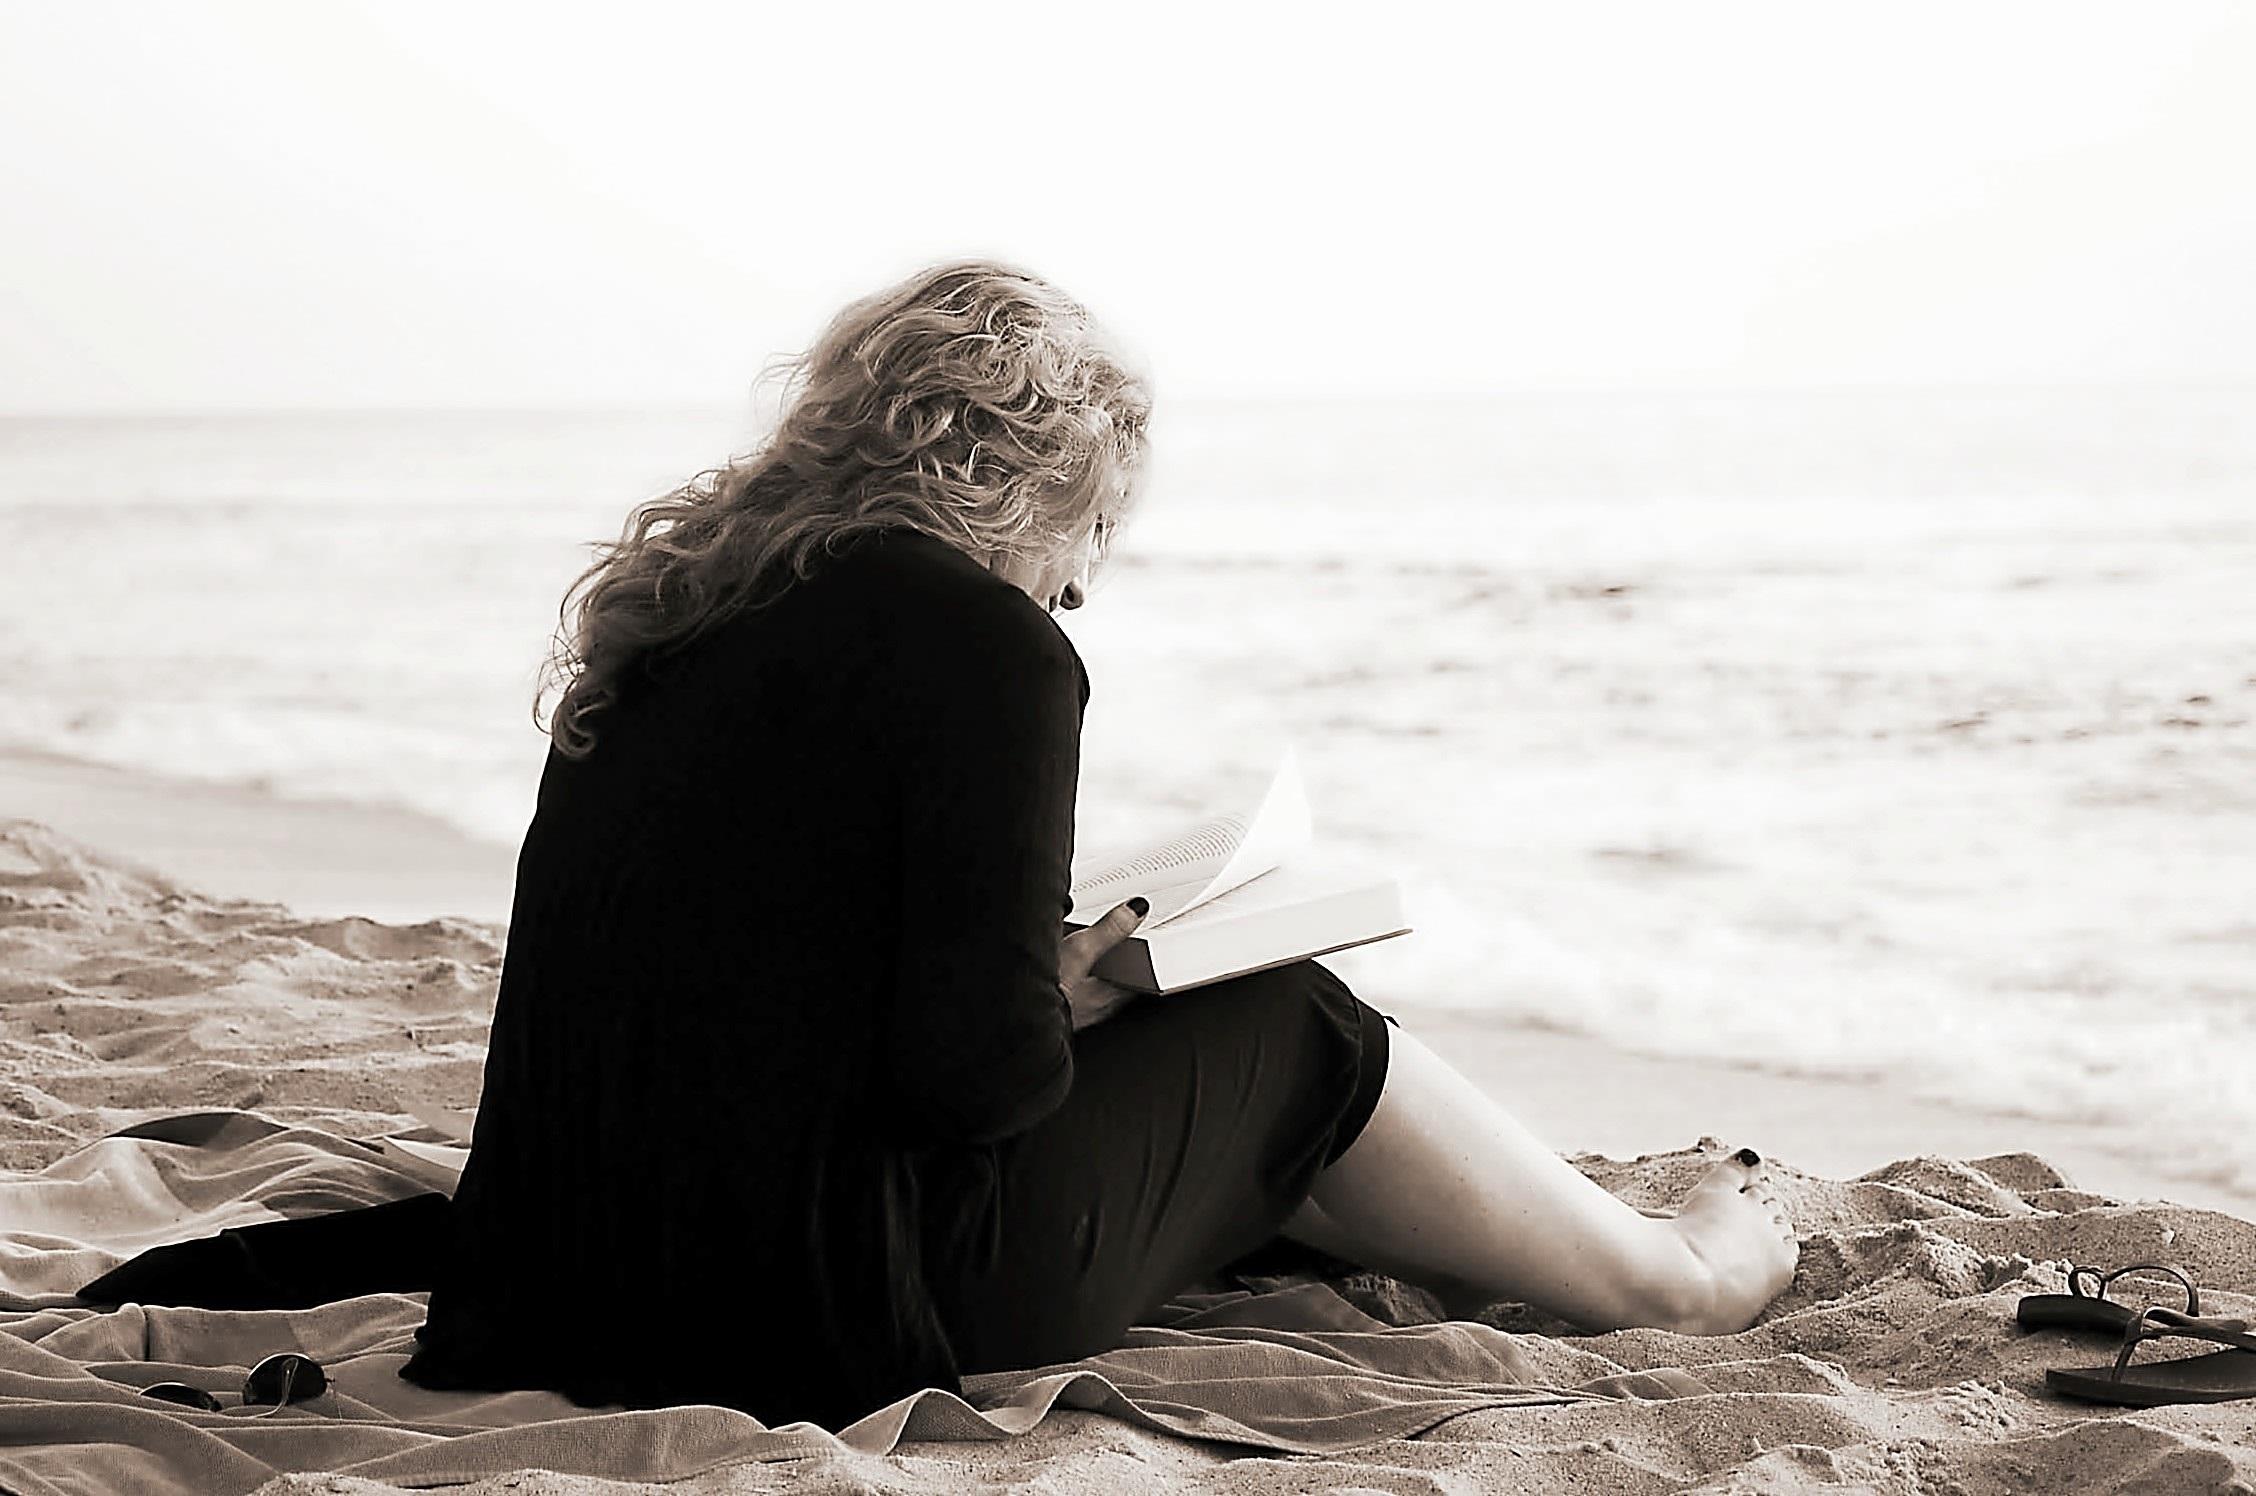 sentimiento de soledad y vacío: ¿qué lo causa? ¿Qué hay detrás?